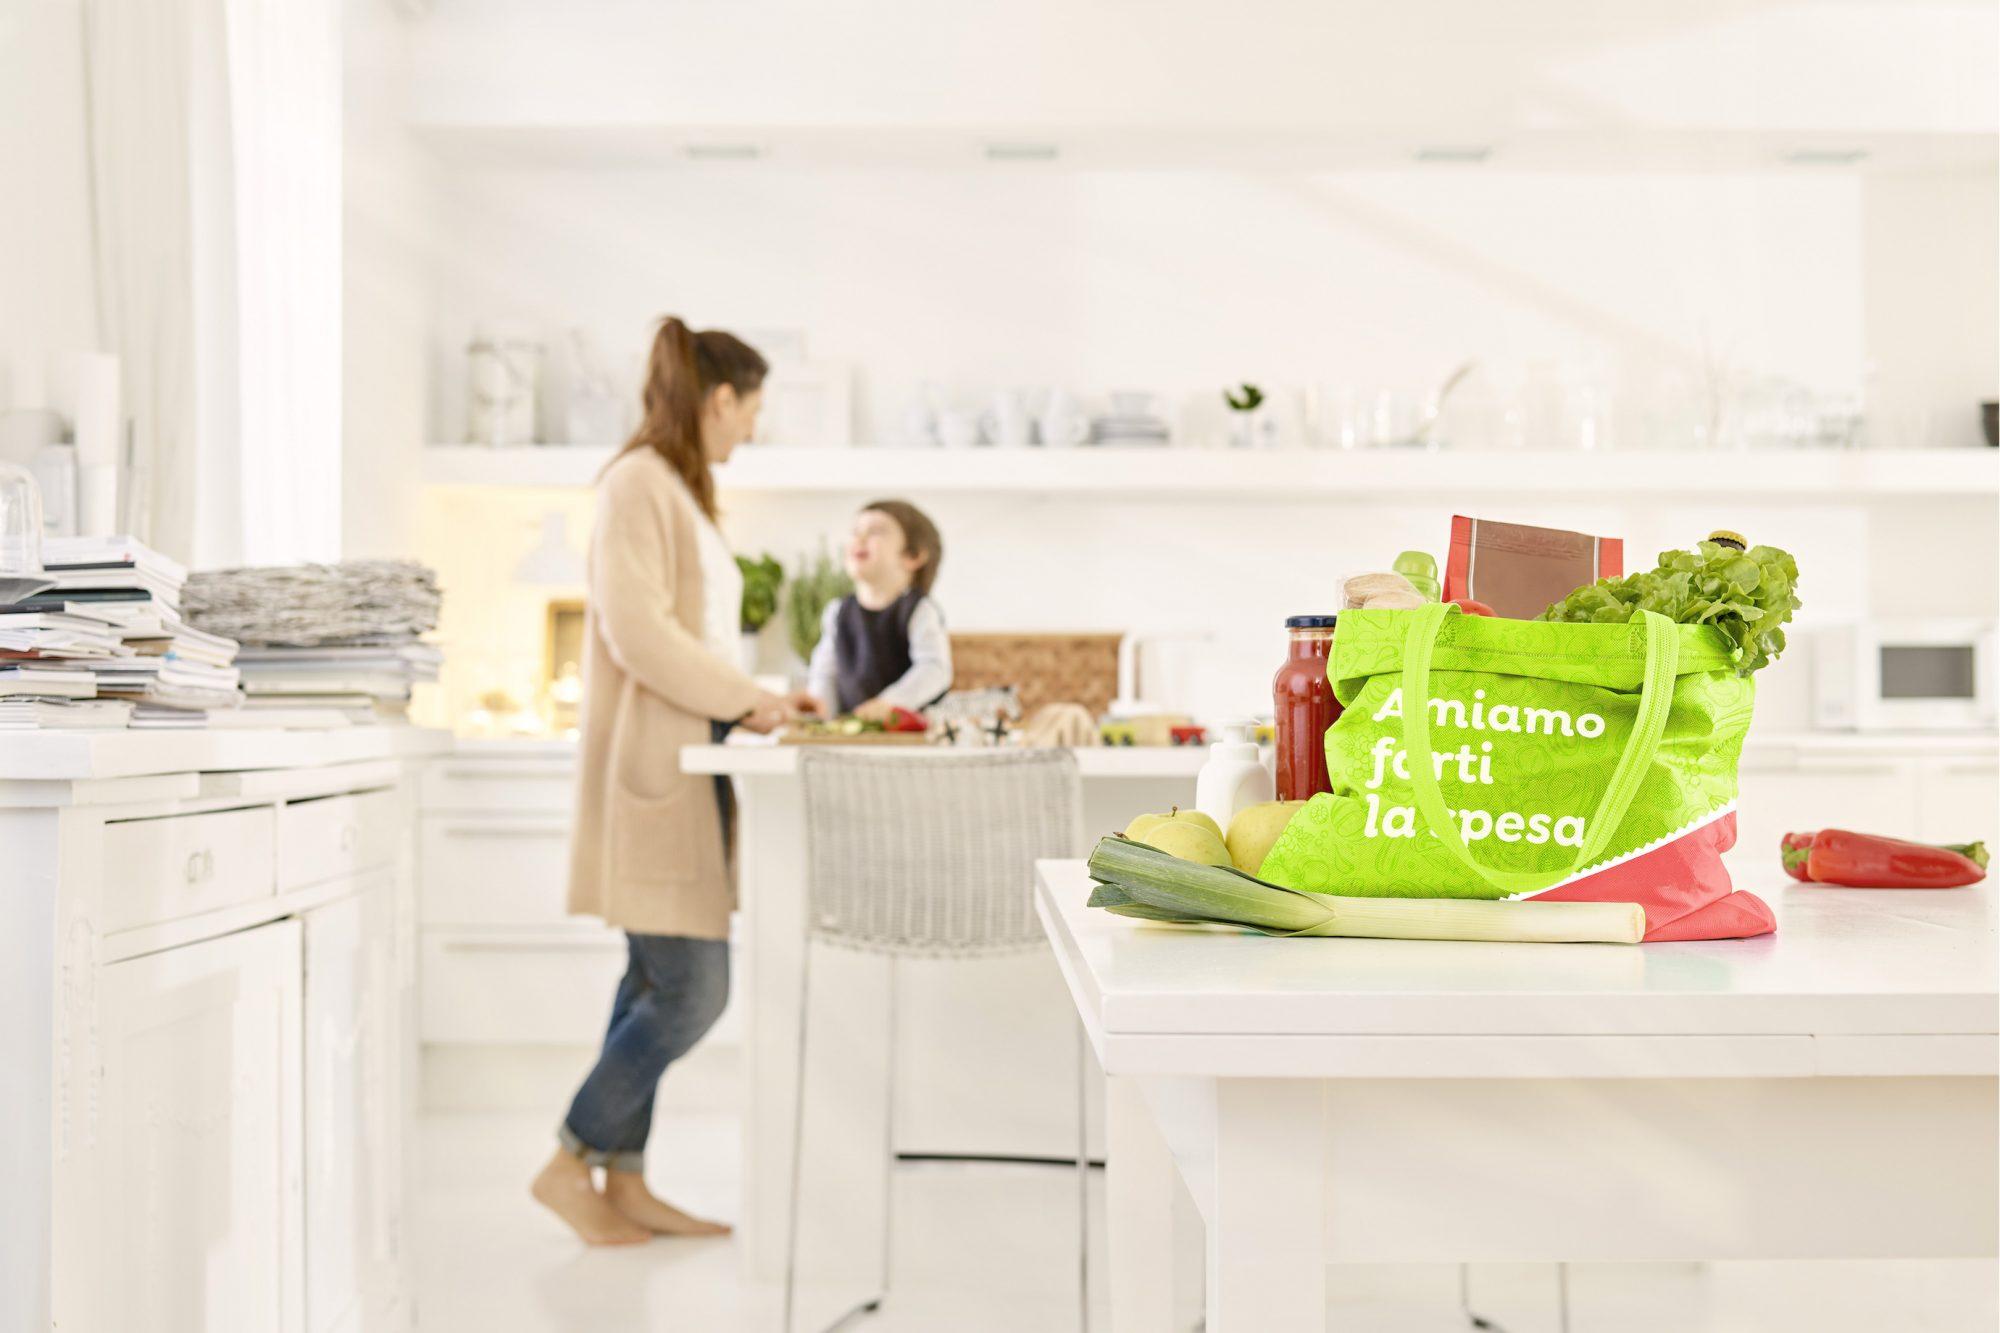 Supermercato24 e l'acquisizione di Szopi, la sua controparte polacca thumbnail